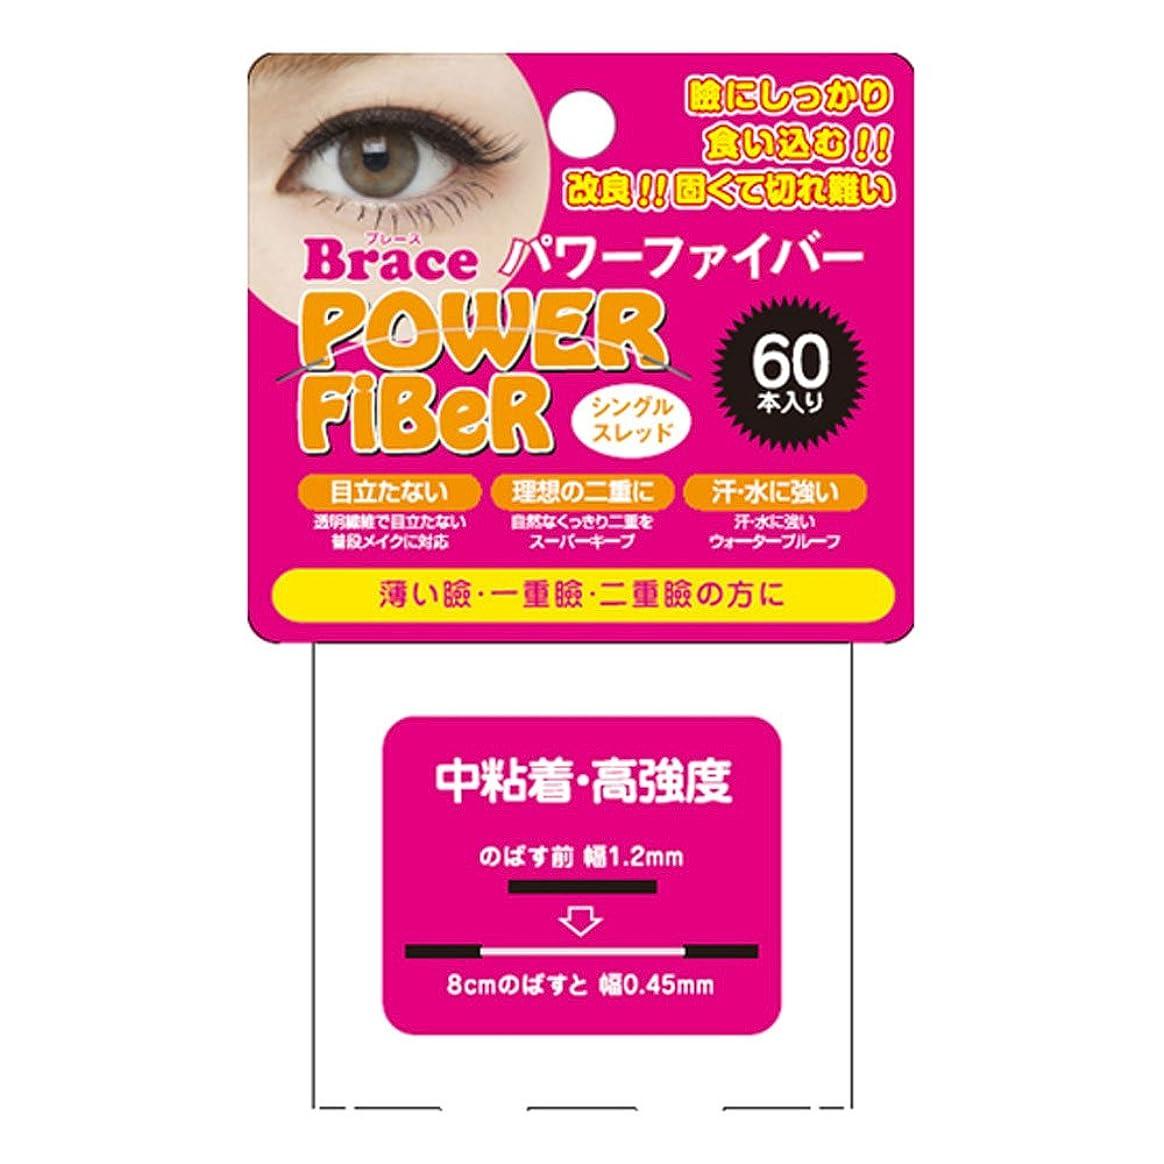 恐れ手足広いBrace ブレース パワーファイバー シングルスレッド クリア 1.2mm 60本入 (眼瞼下垂防止用テープ)